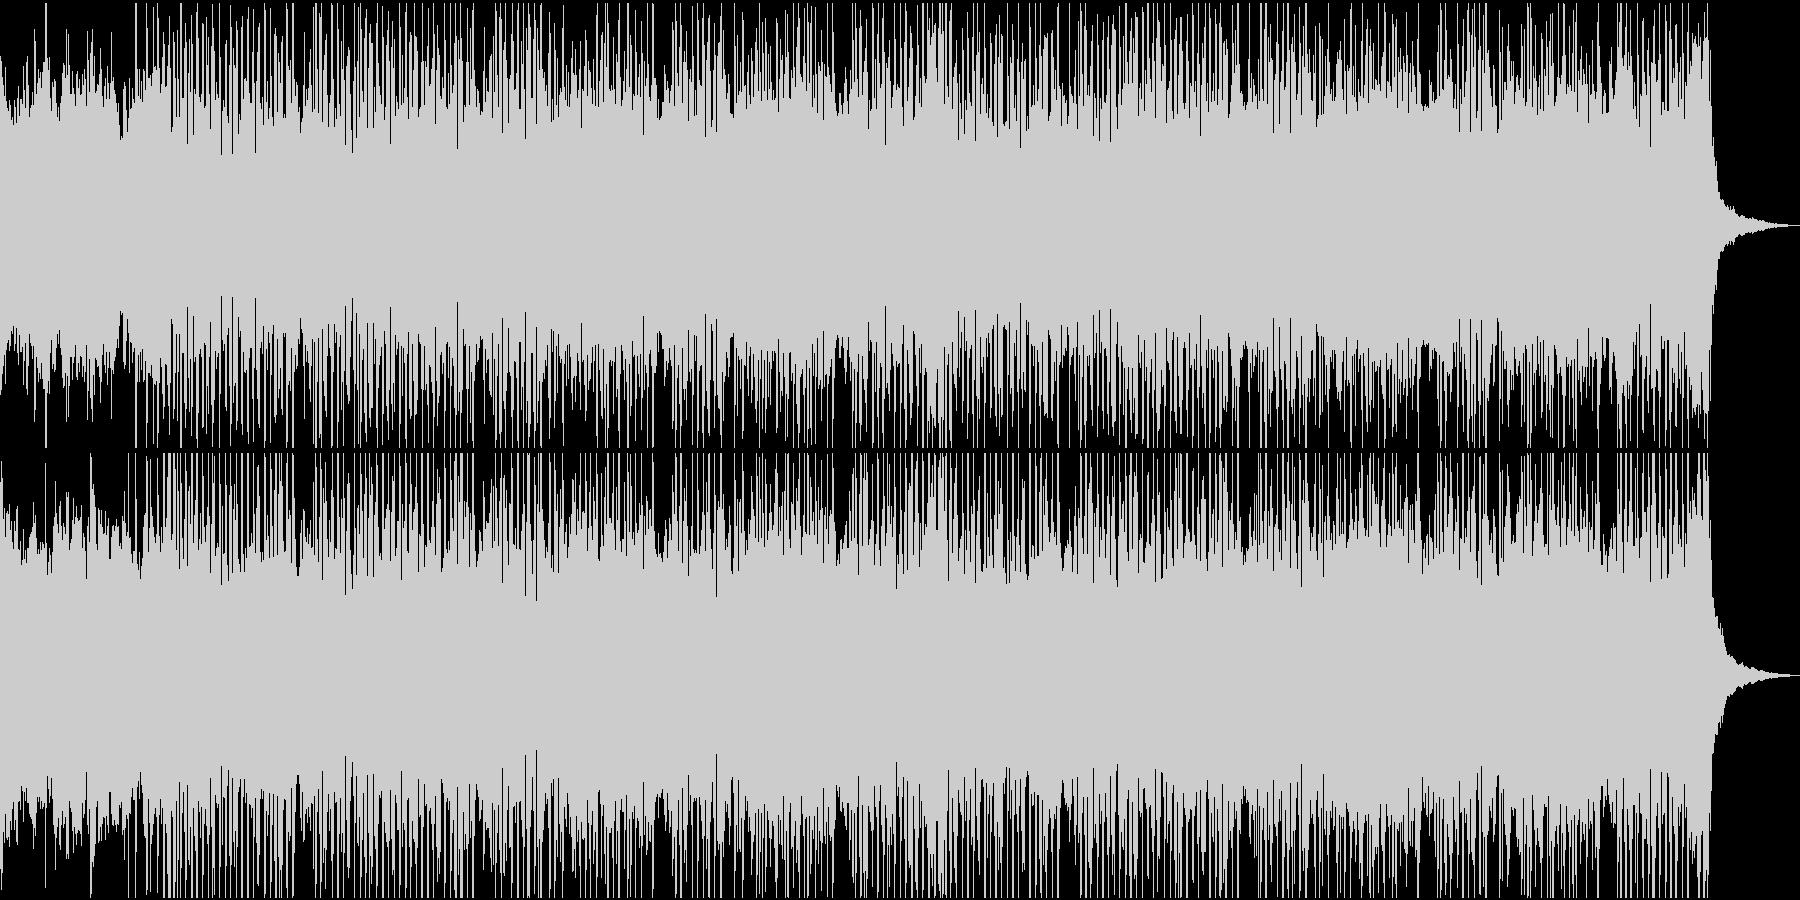 ピアノとシンセサイザーが爽やかなBGMの未再生の波形